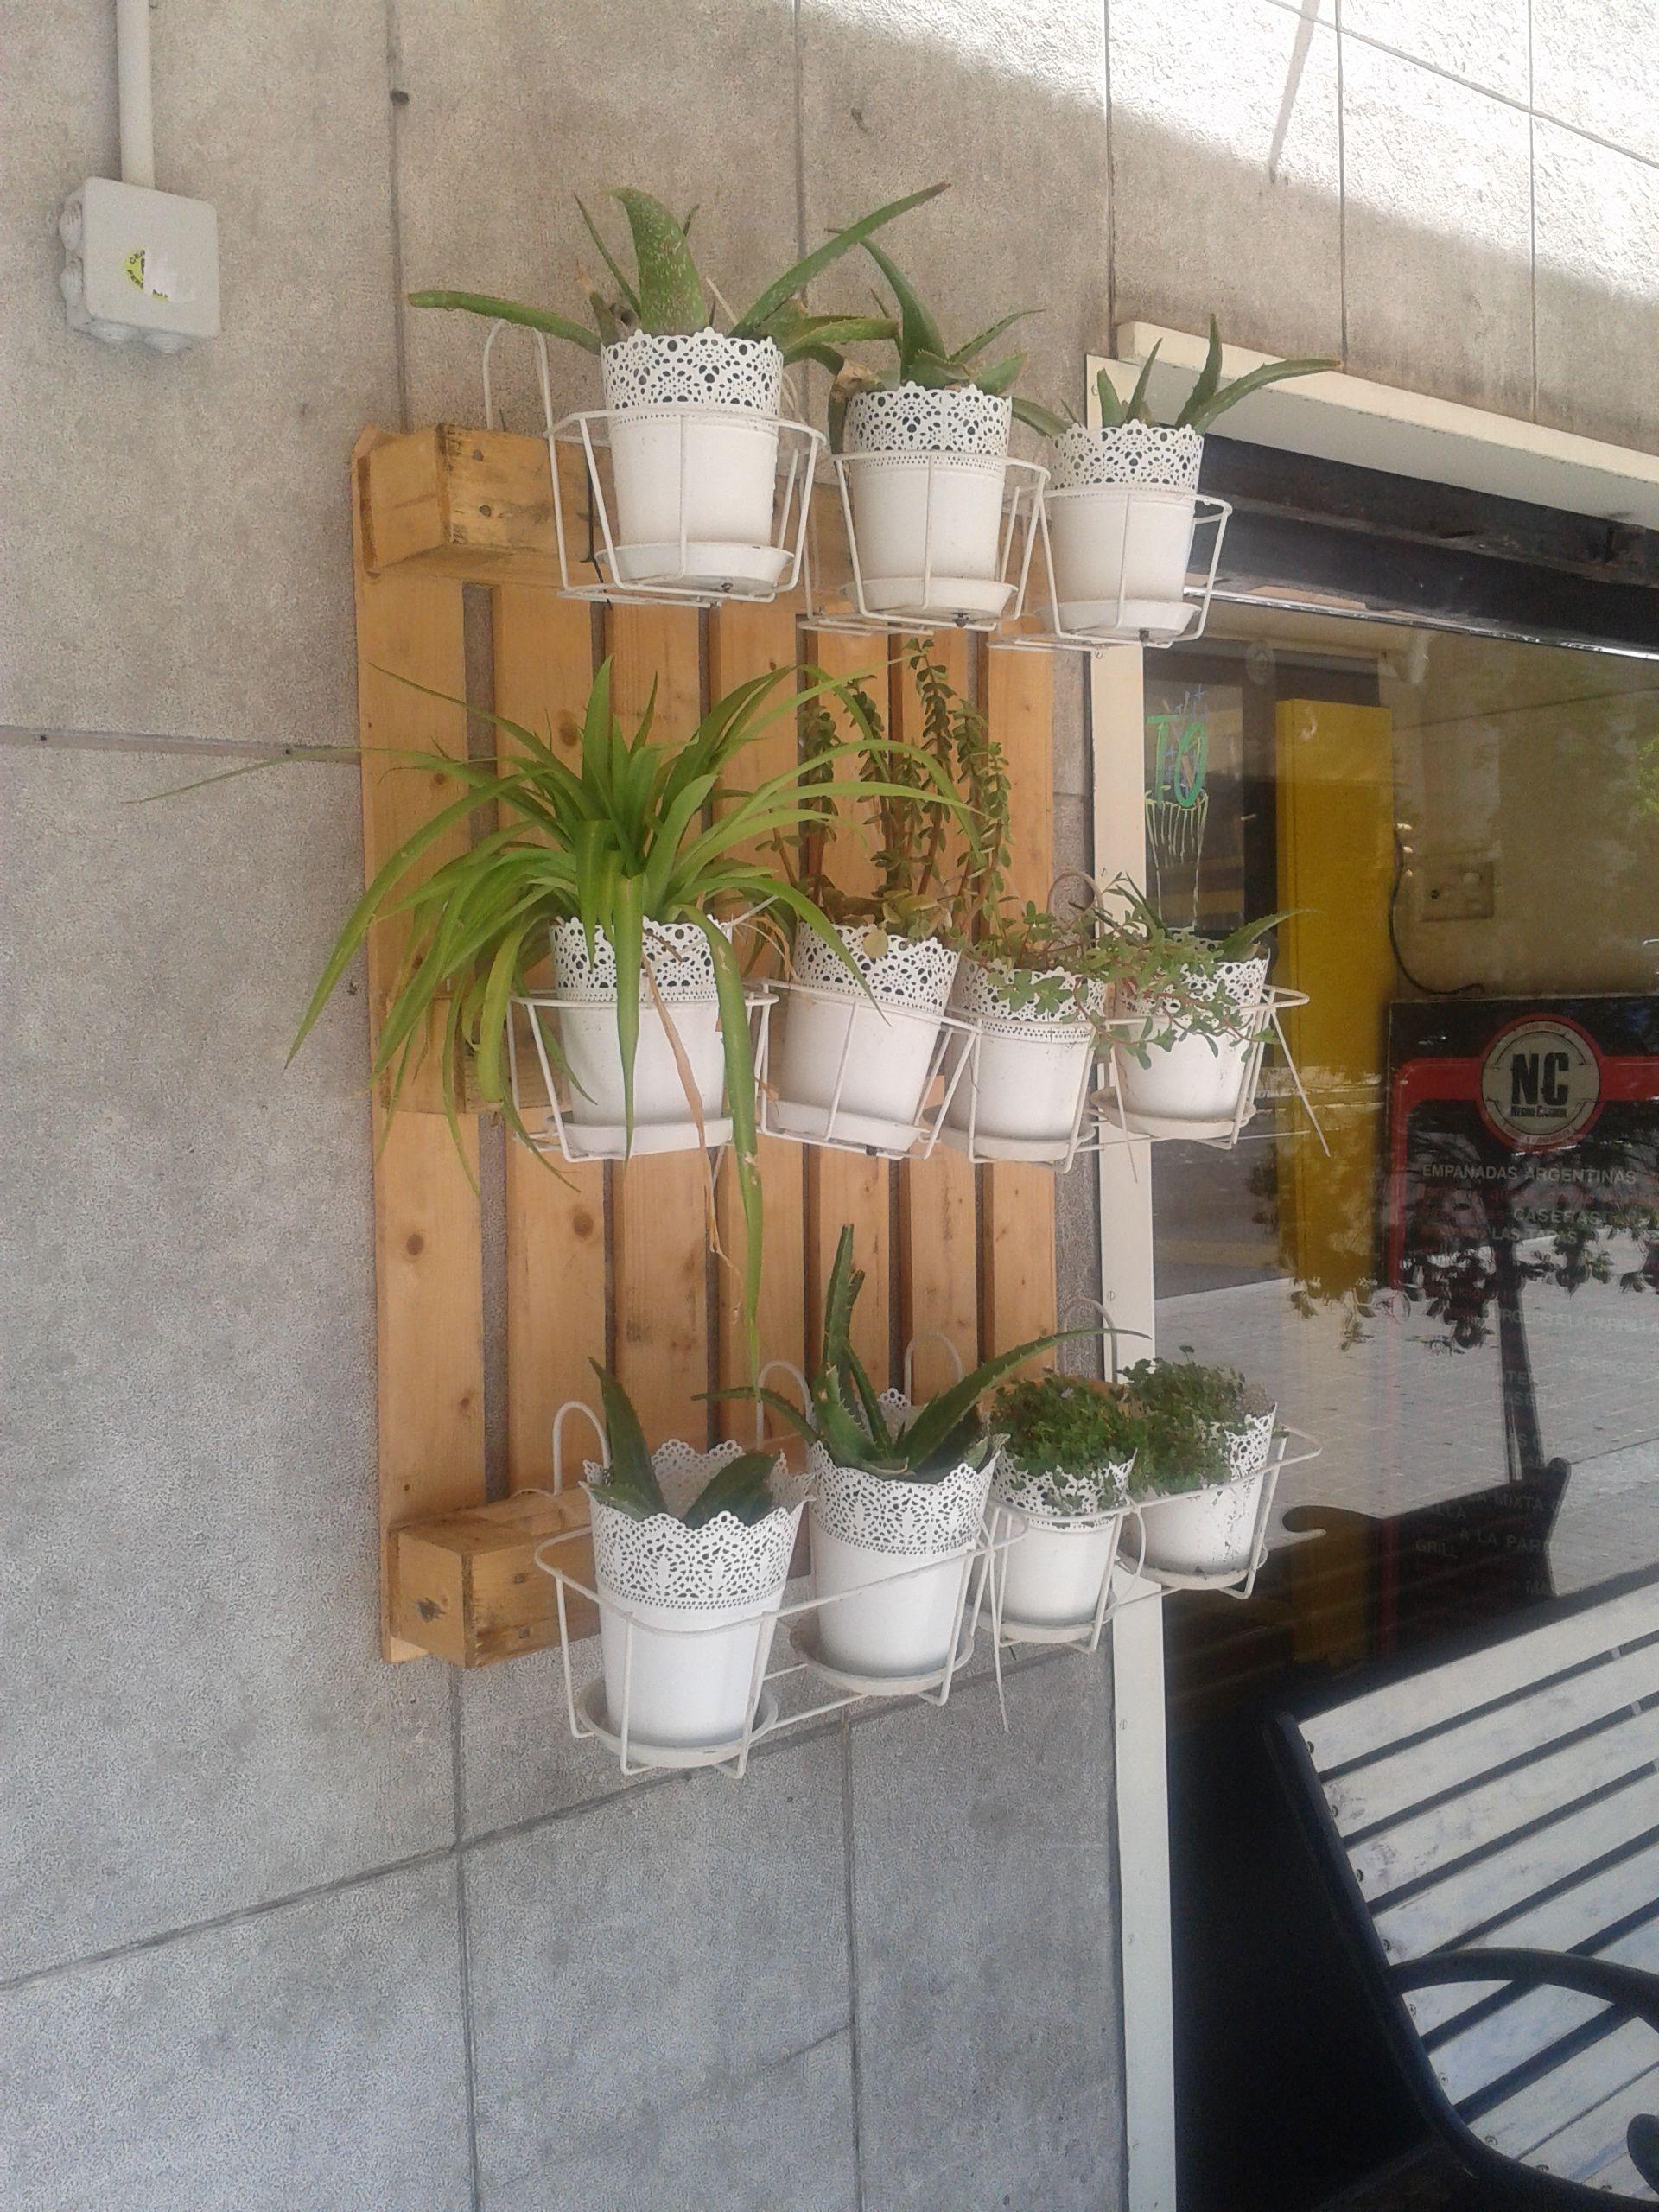 Reciclaje en las calles de barcelona palet reutilizado for Adornos colgar pared